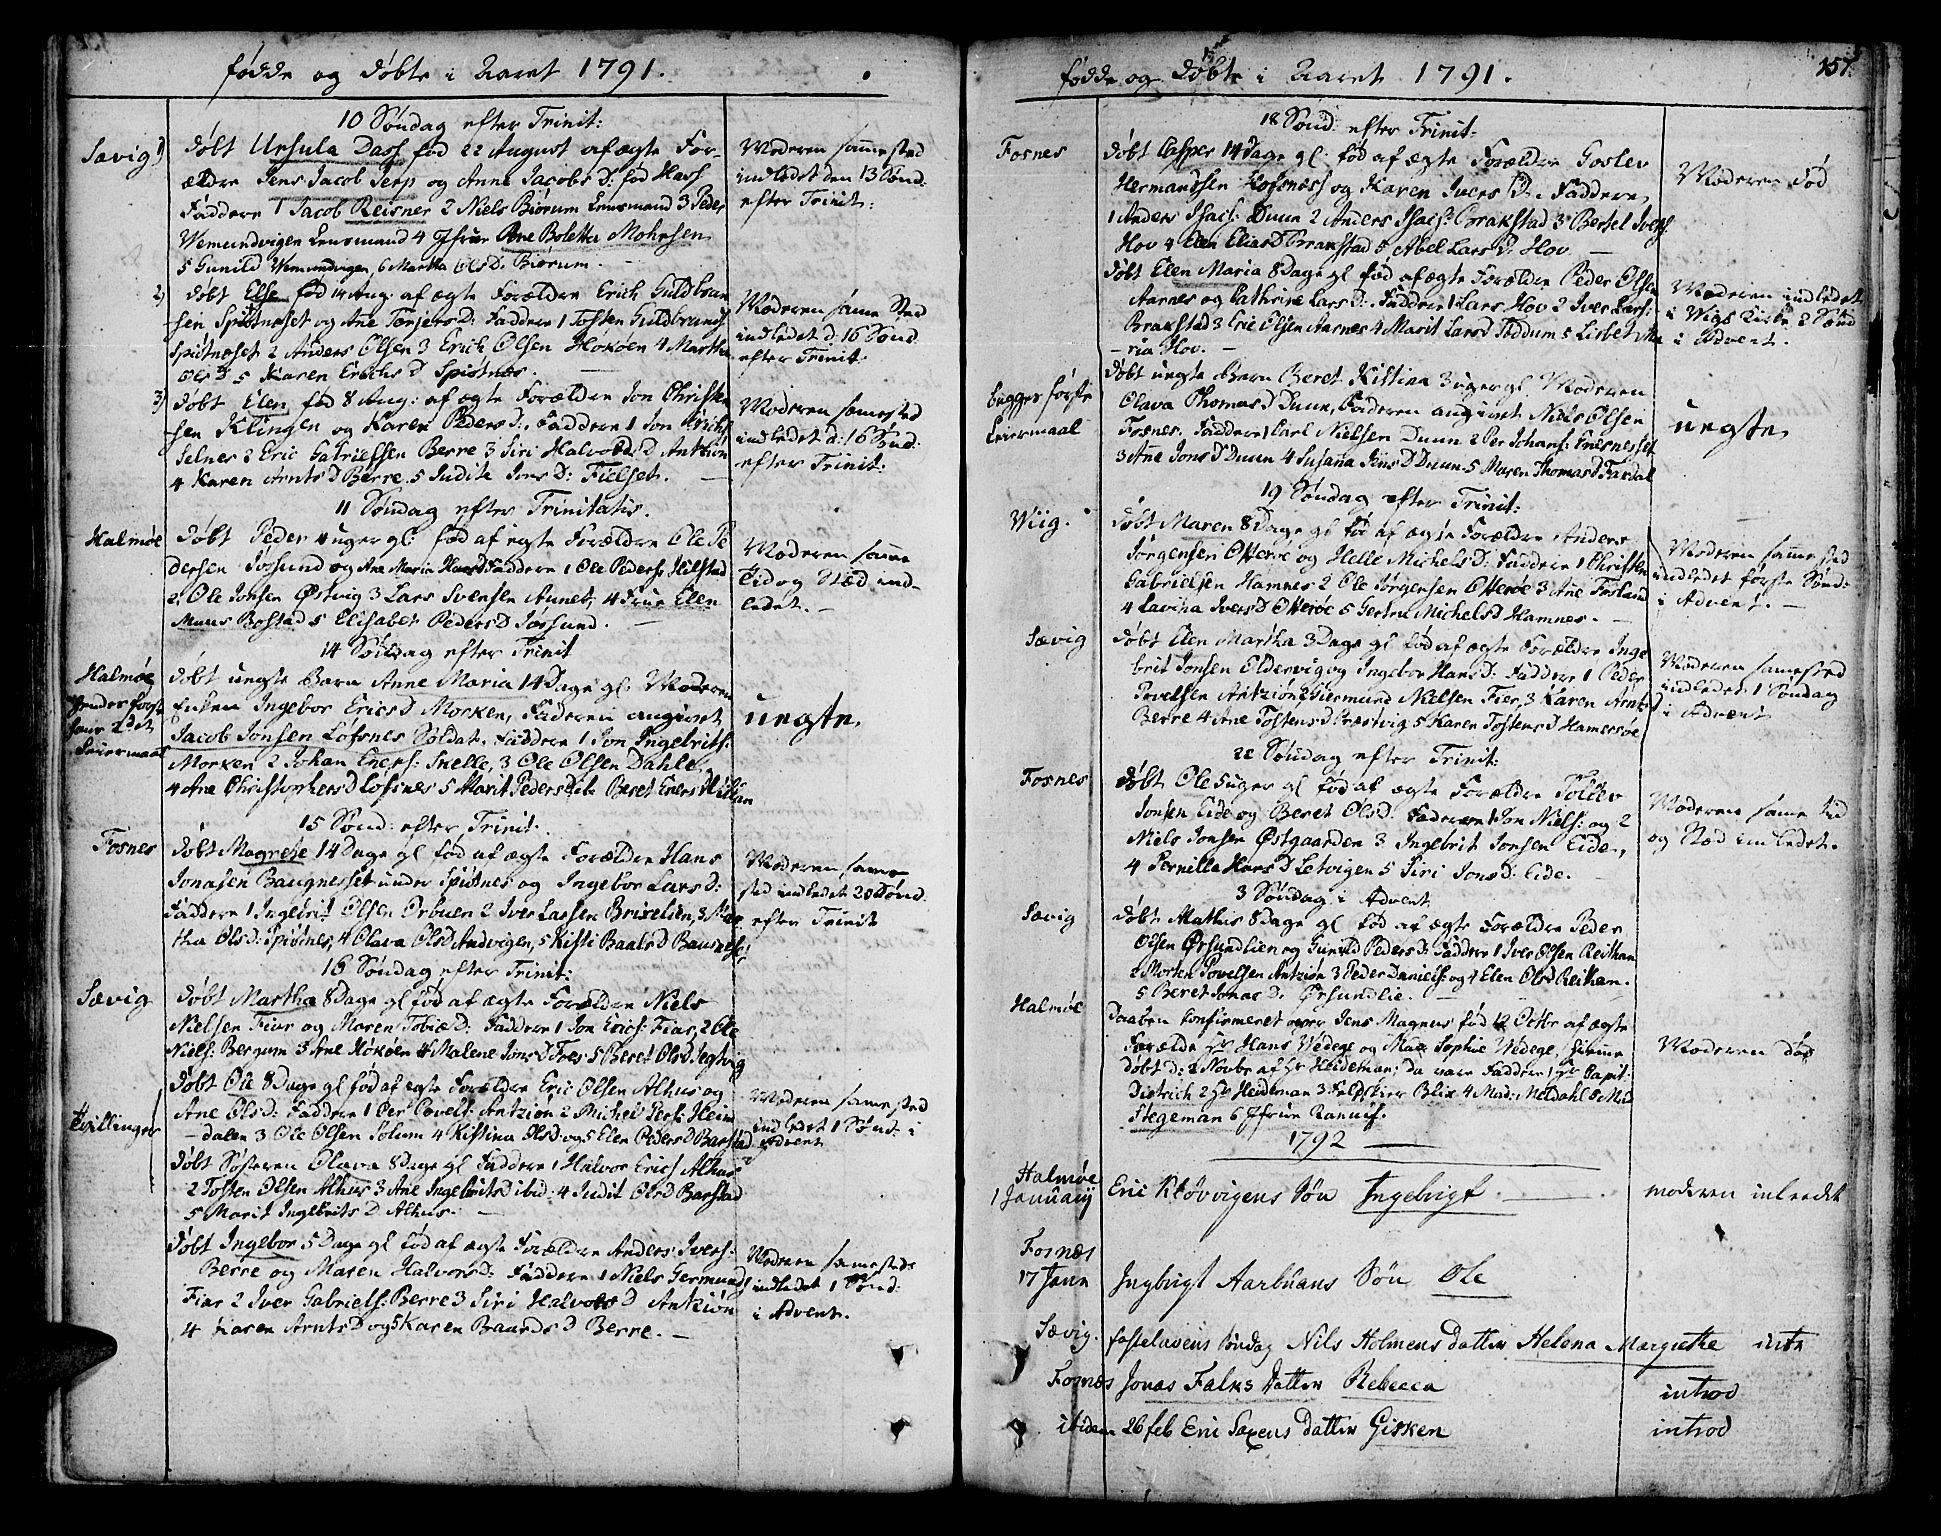 SAT, Ministerialprotokoller, klokkerbøker og fødselsregistre - Nord-Trøndelag, 773/L0608: Ministerialbok nr. 773A02, 1784-1816, s. 157